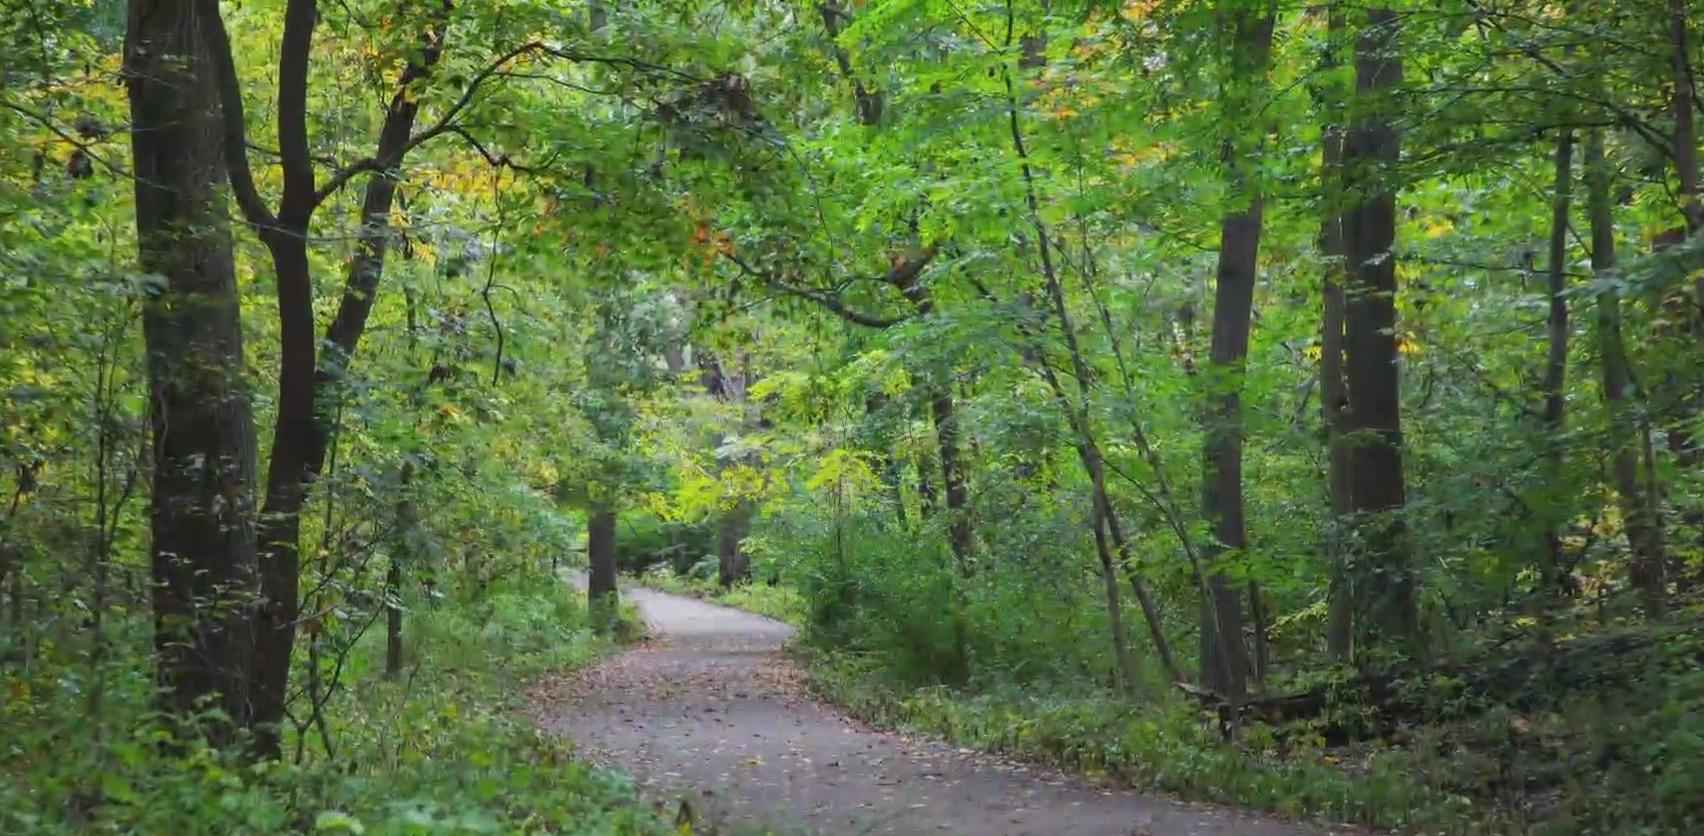 NYC hiking trail